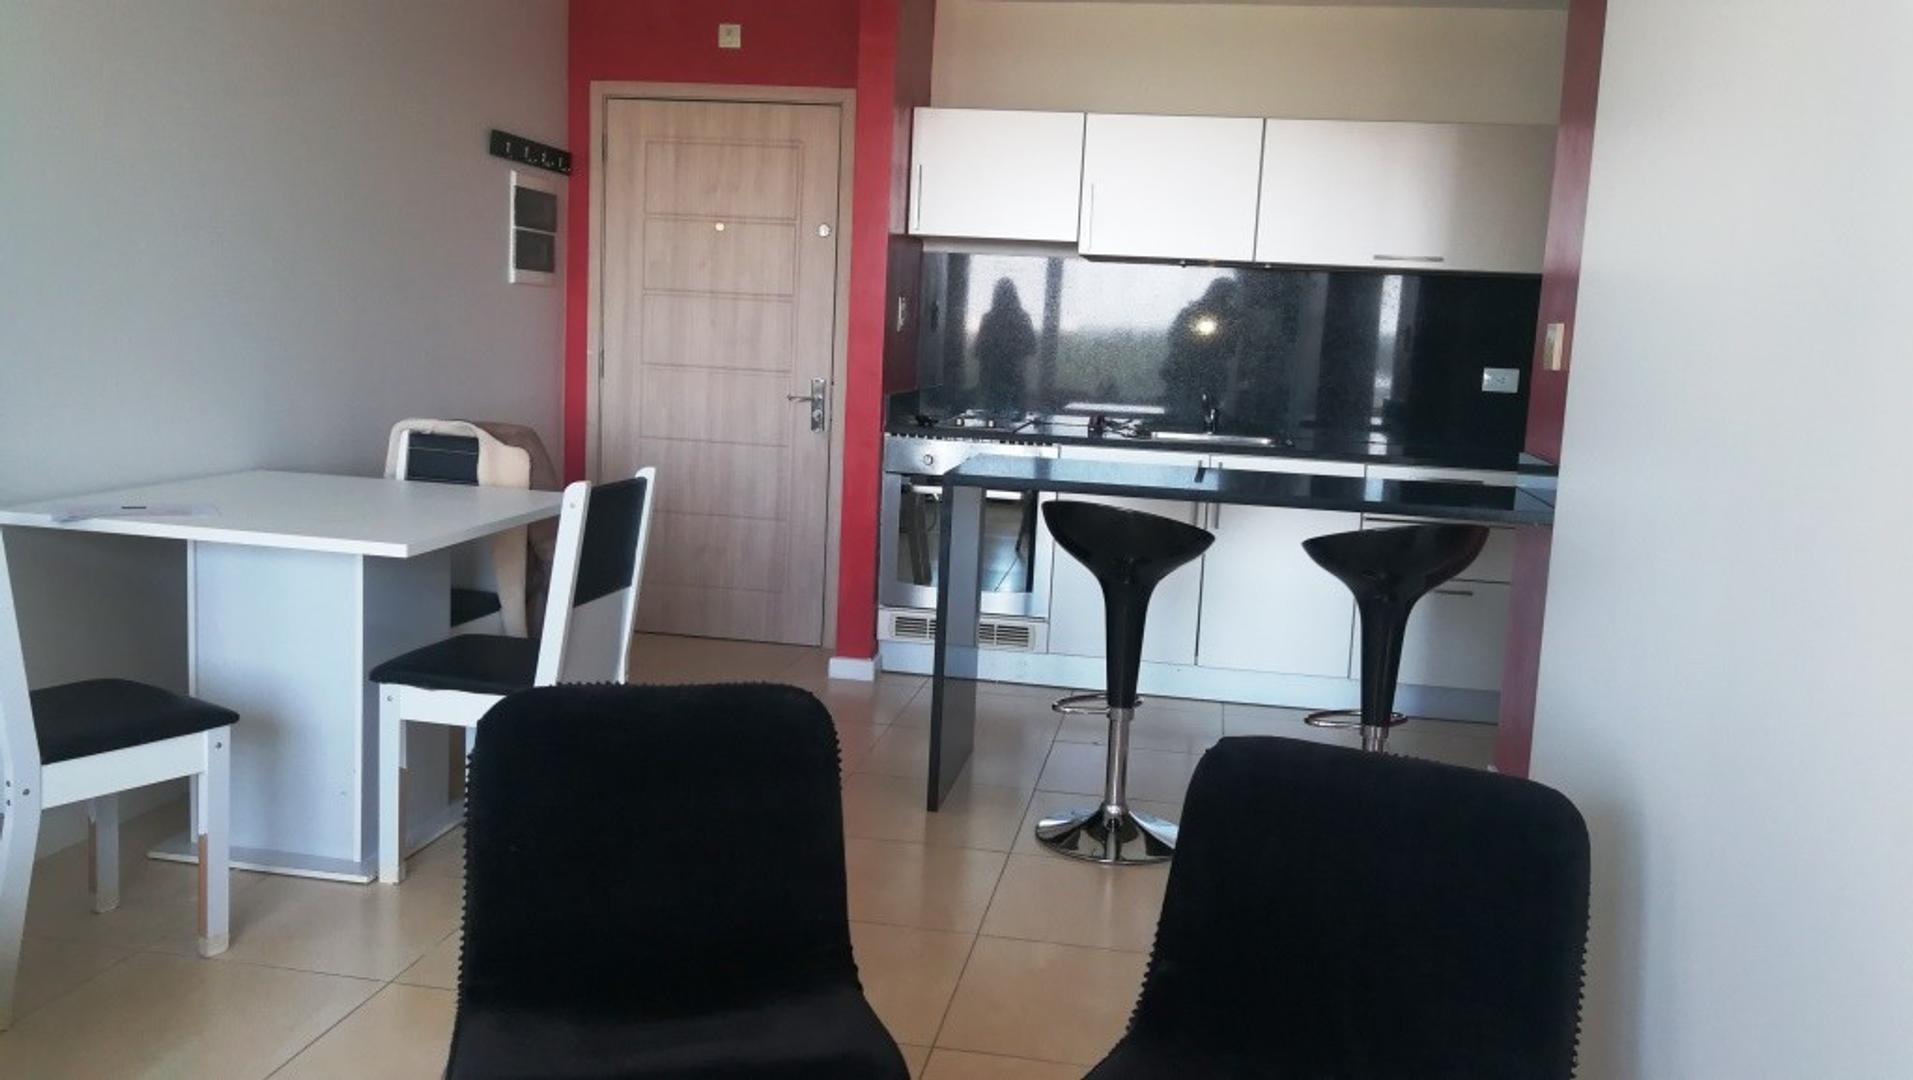 Departamento en Venta en Nordelta Wyndham Condominios - 2 ambientes